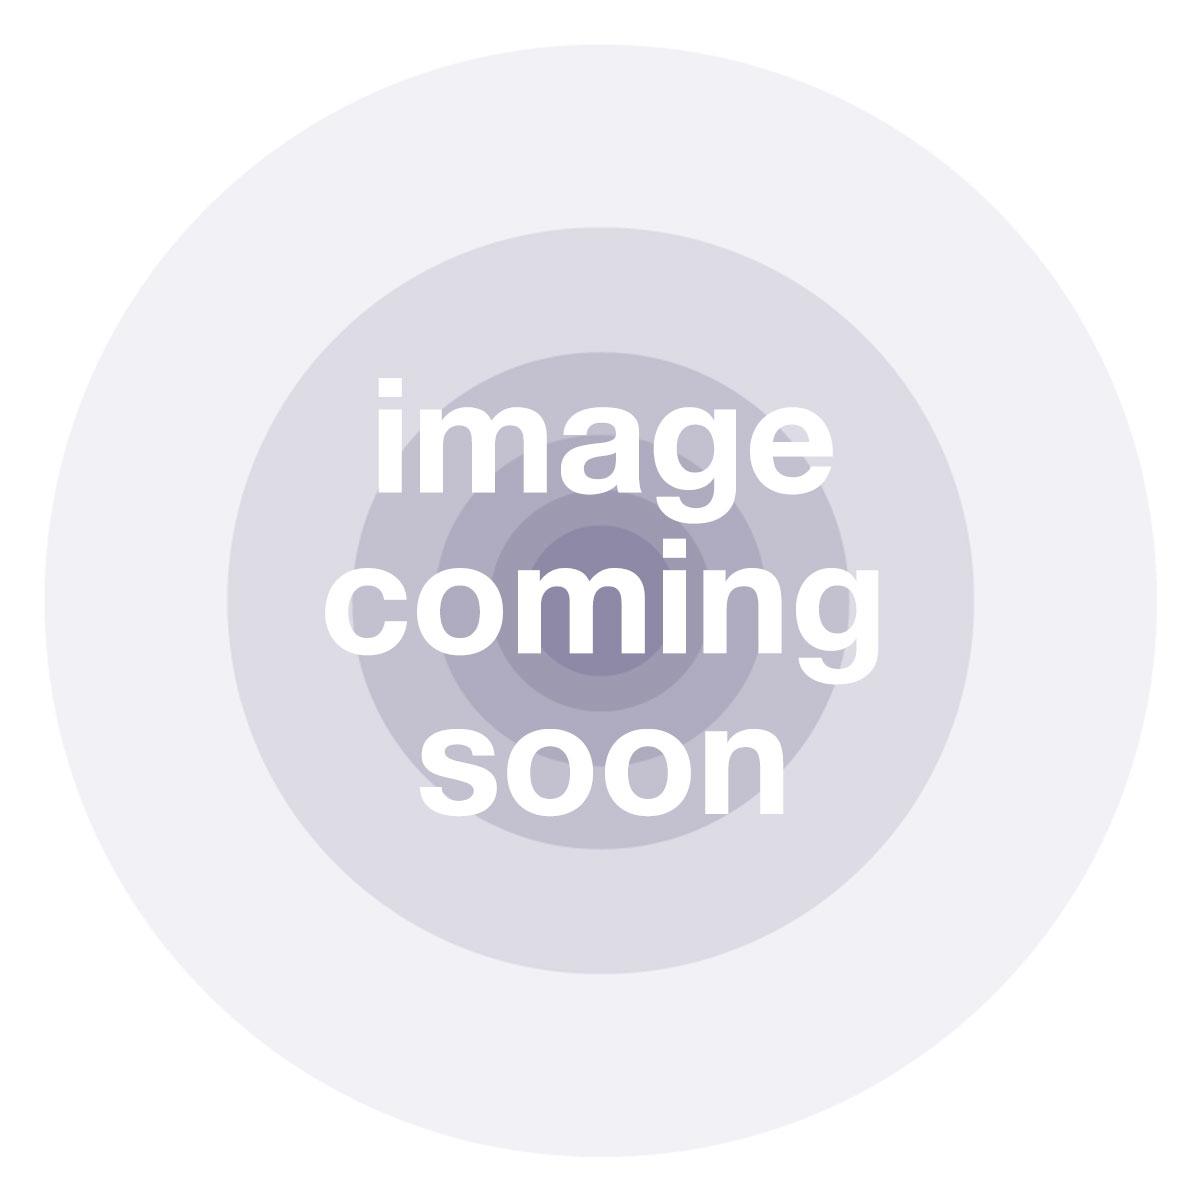 McDSP AE600 Active EQ Plugin